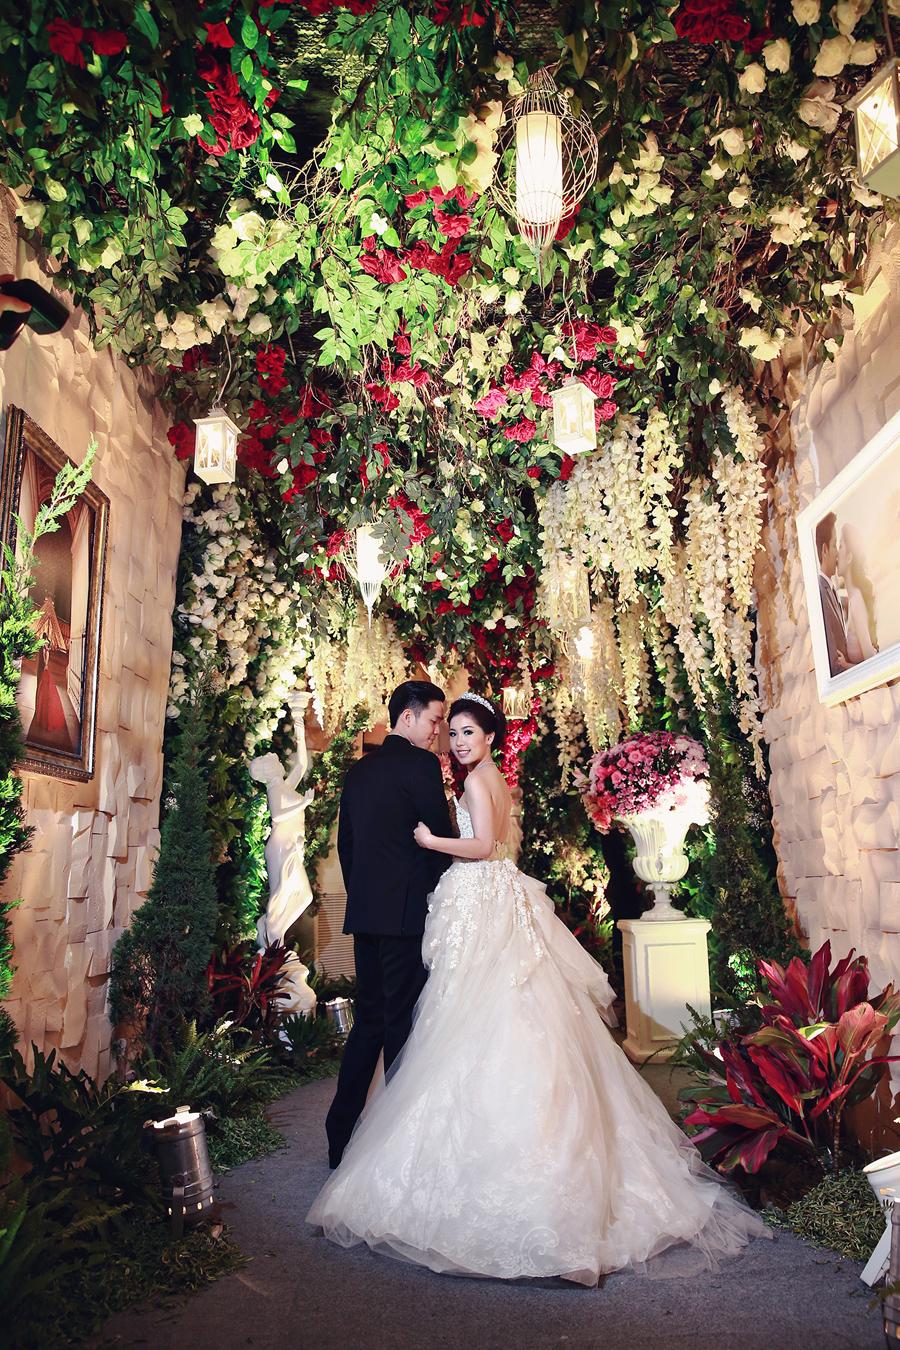 axioo-rocky-merlin-wedding-surabaya-40